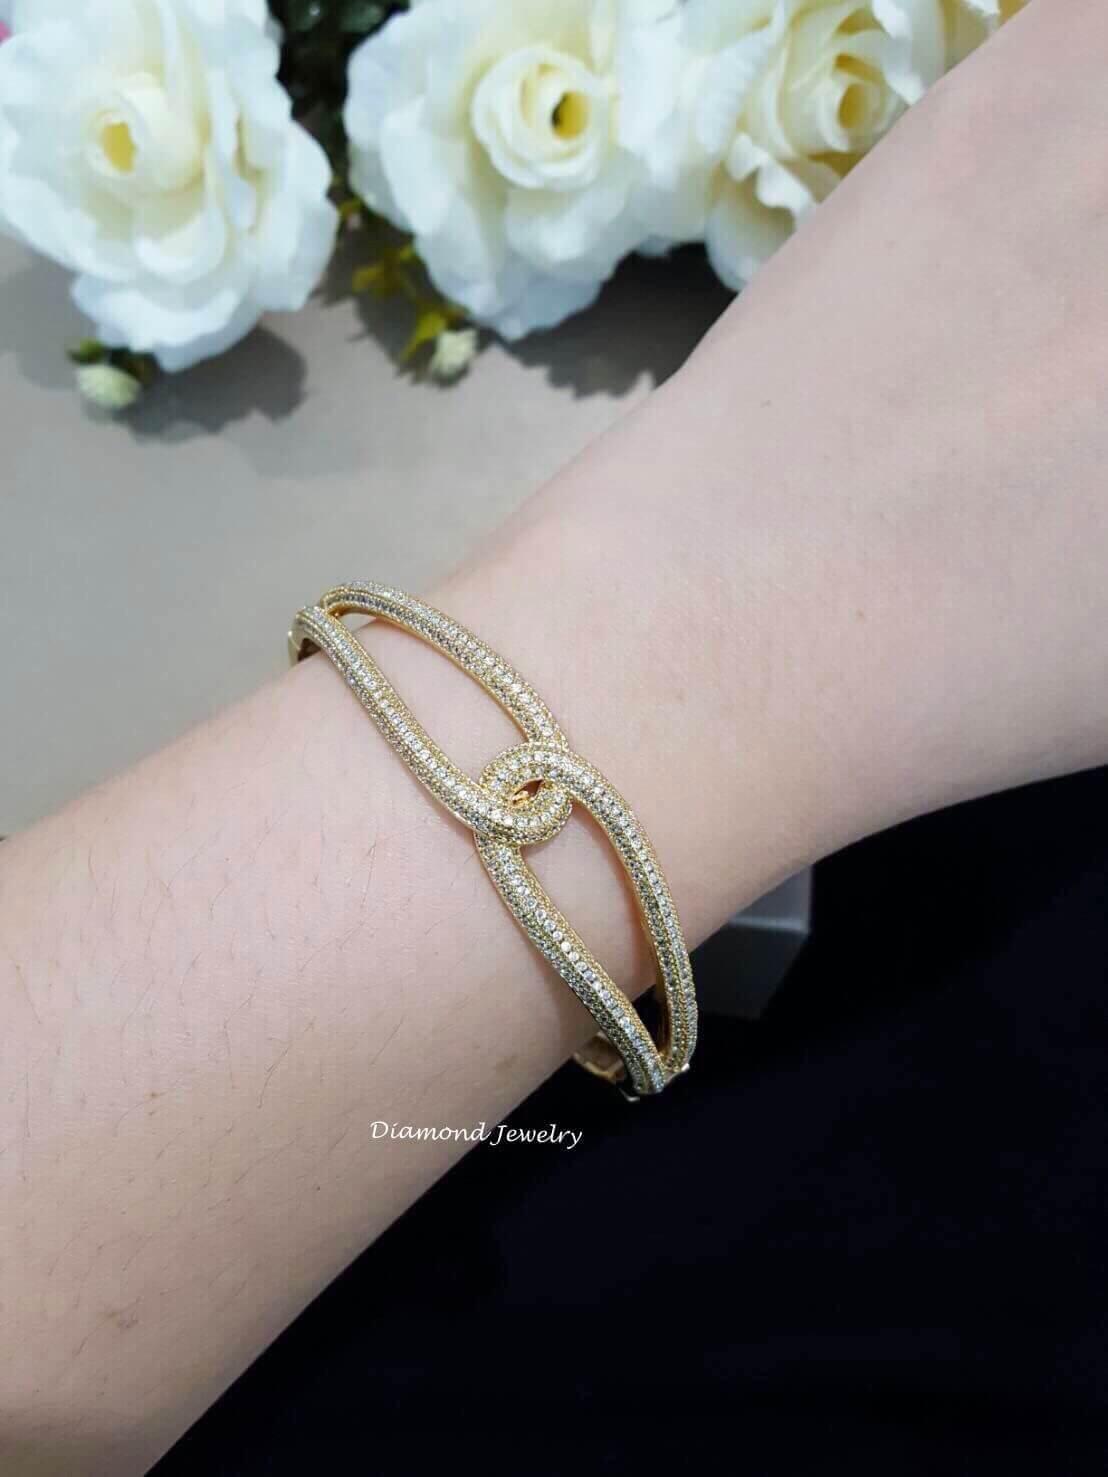 พร้อมส่ง Chanel Diamond Bangle งานสวยมาก